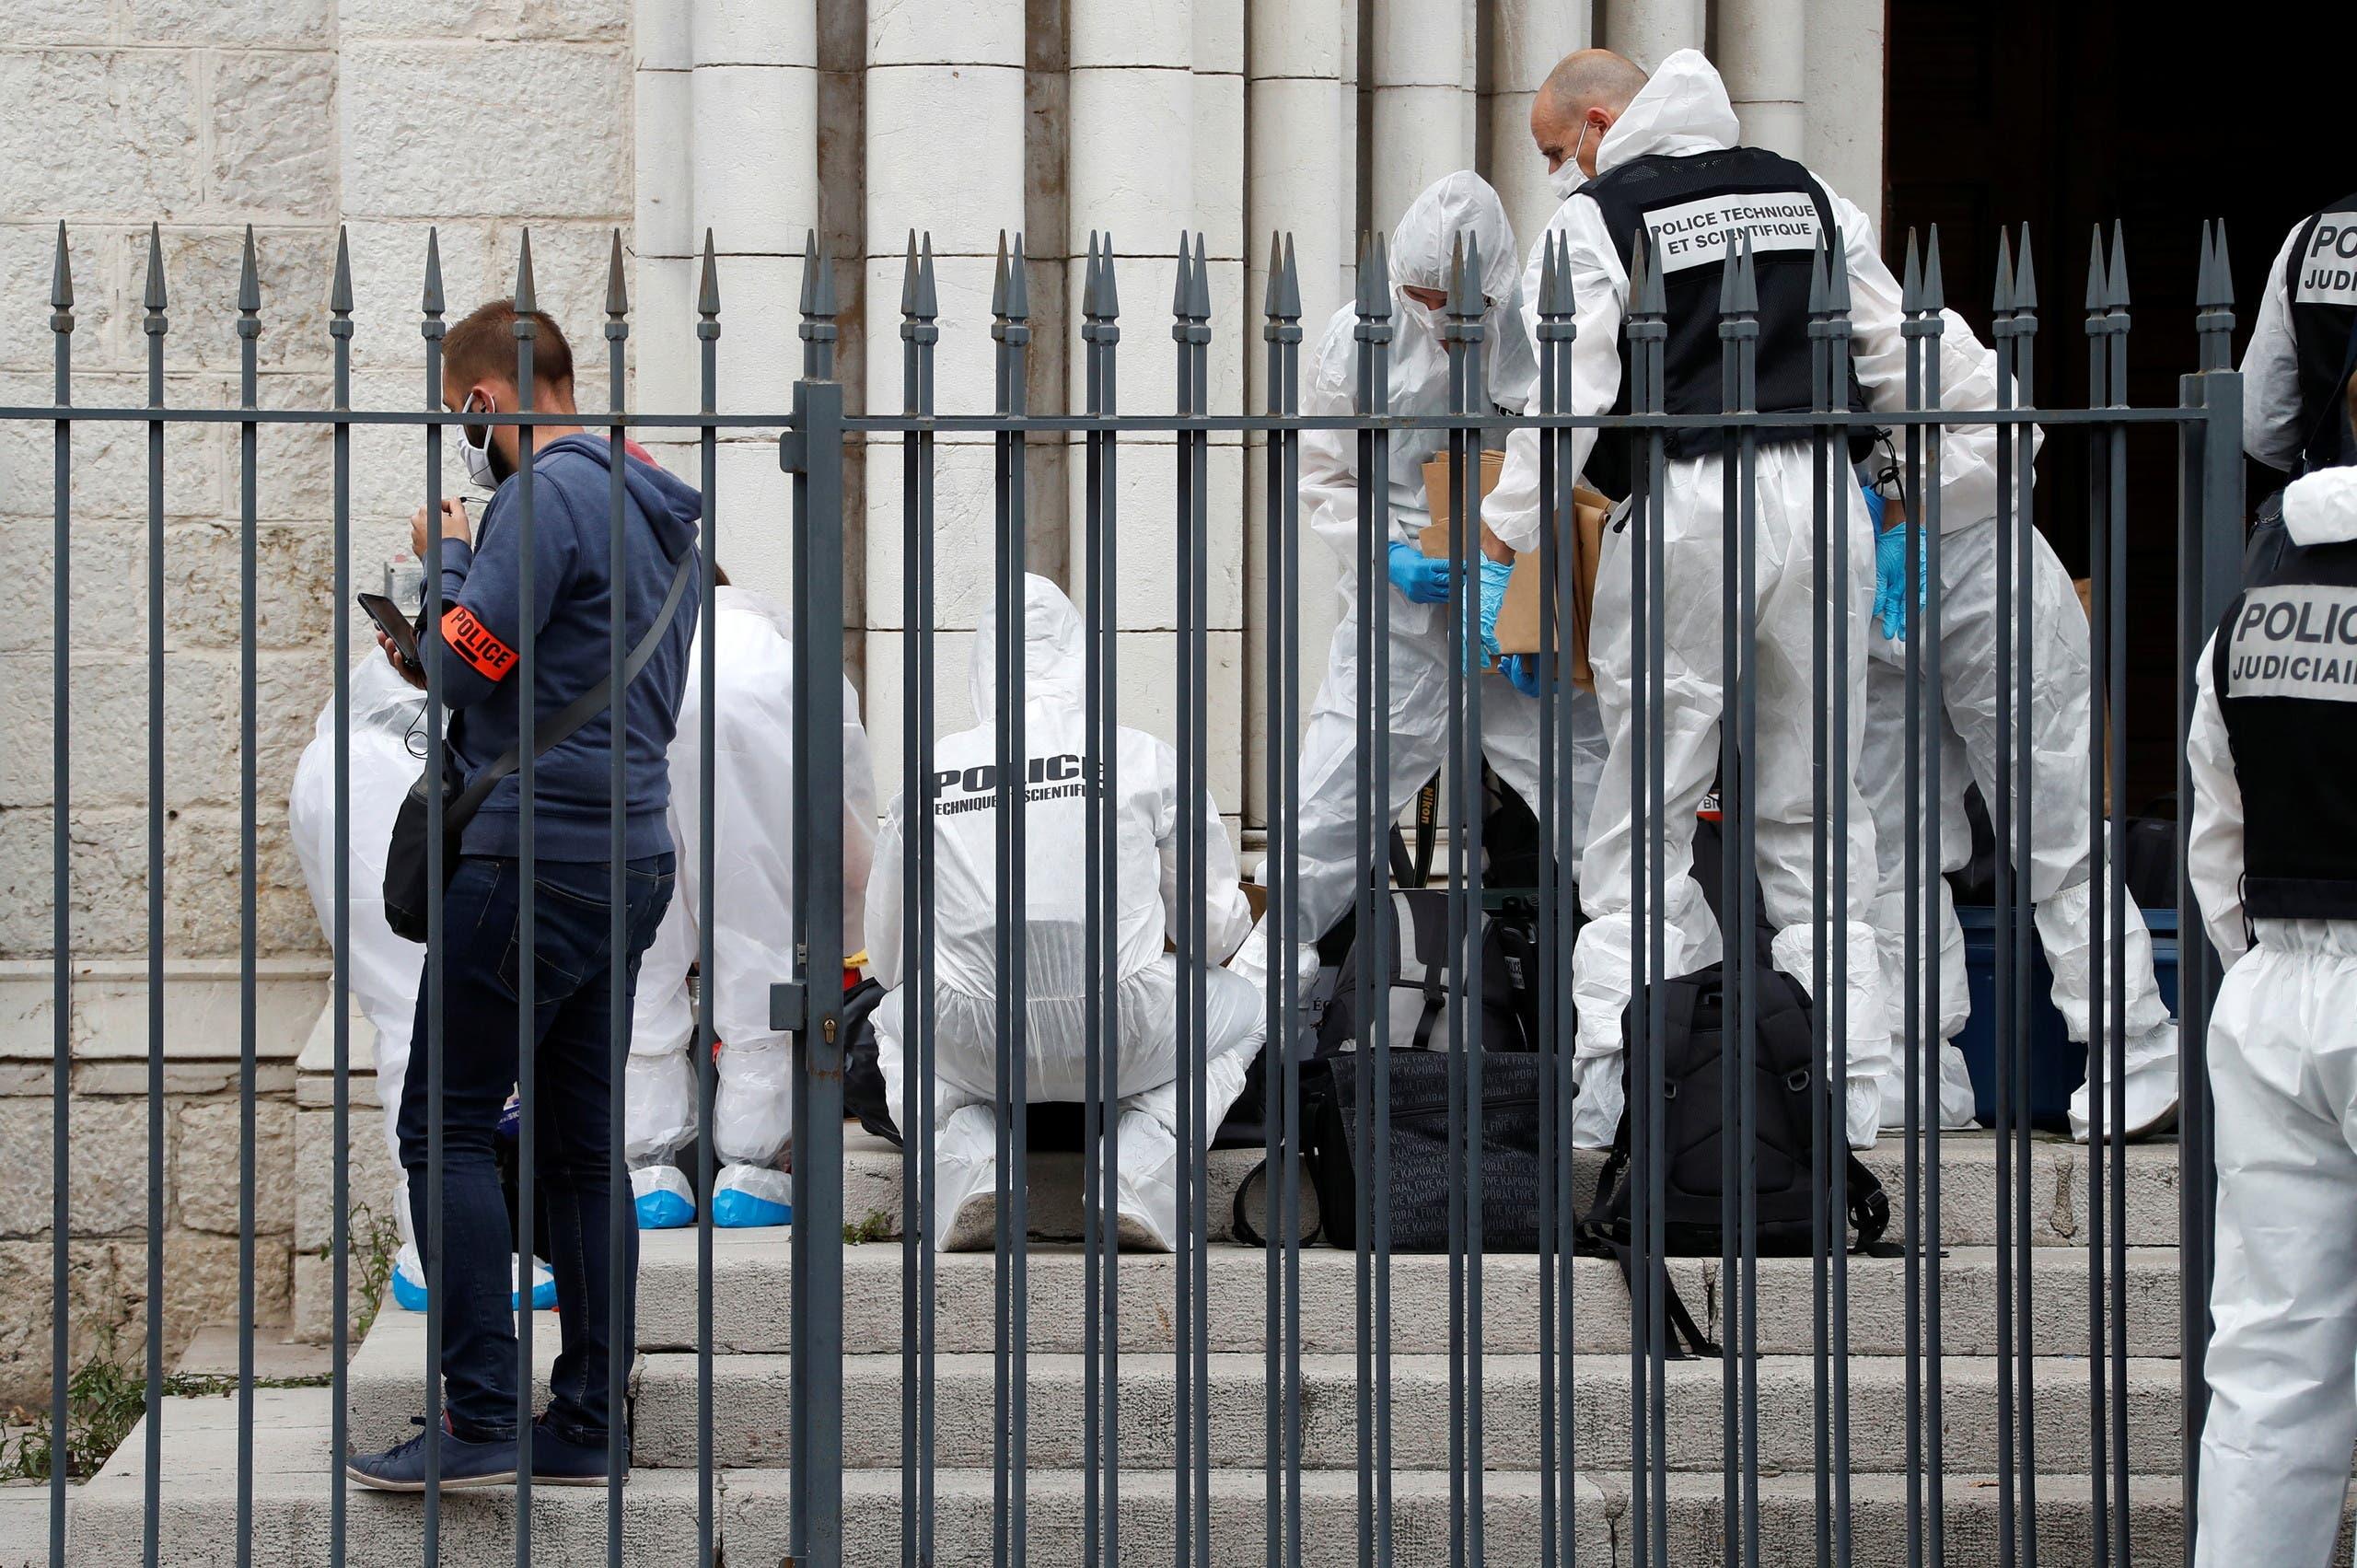 خبراء الطب الشرعي يتفقدون موقع الهجوم في نيس